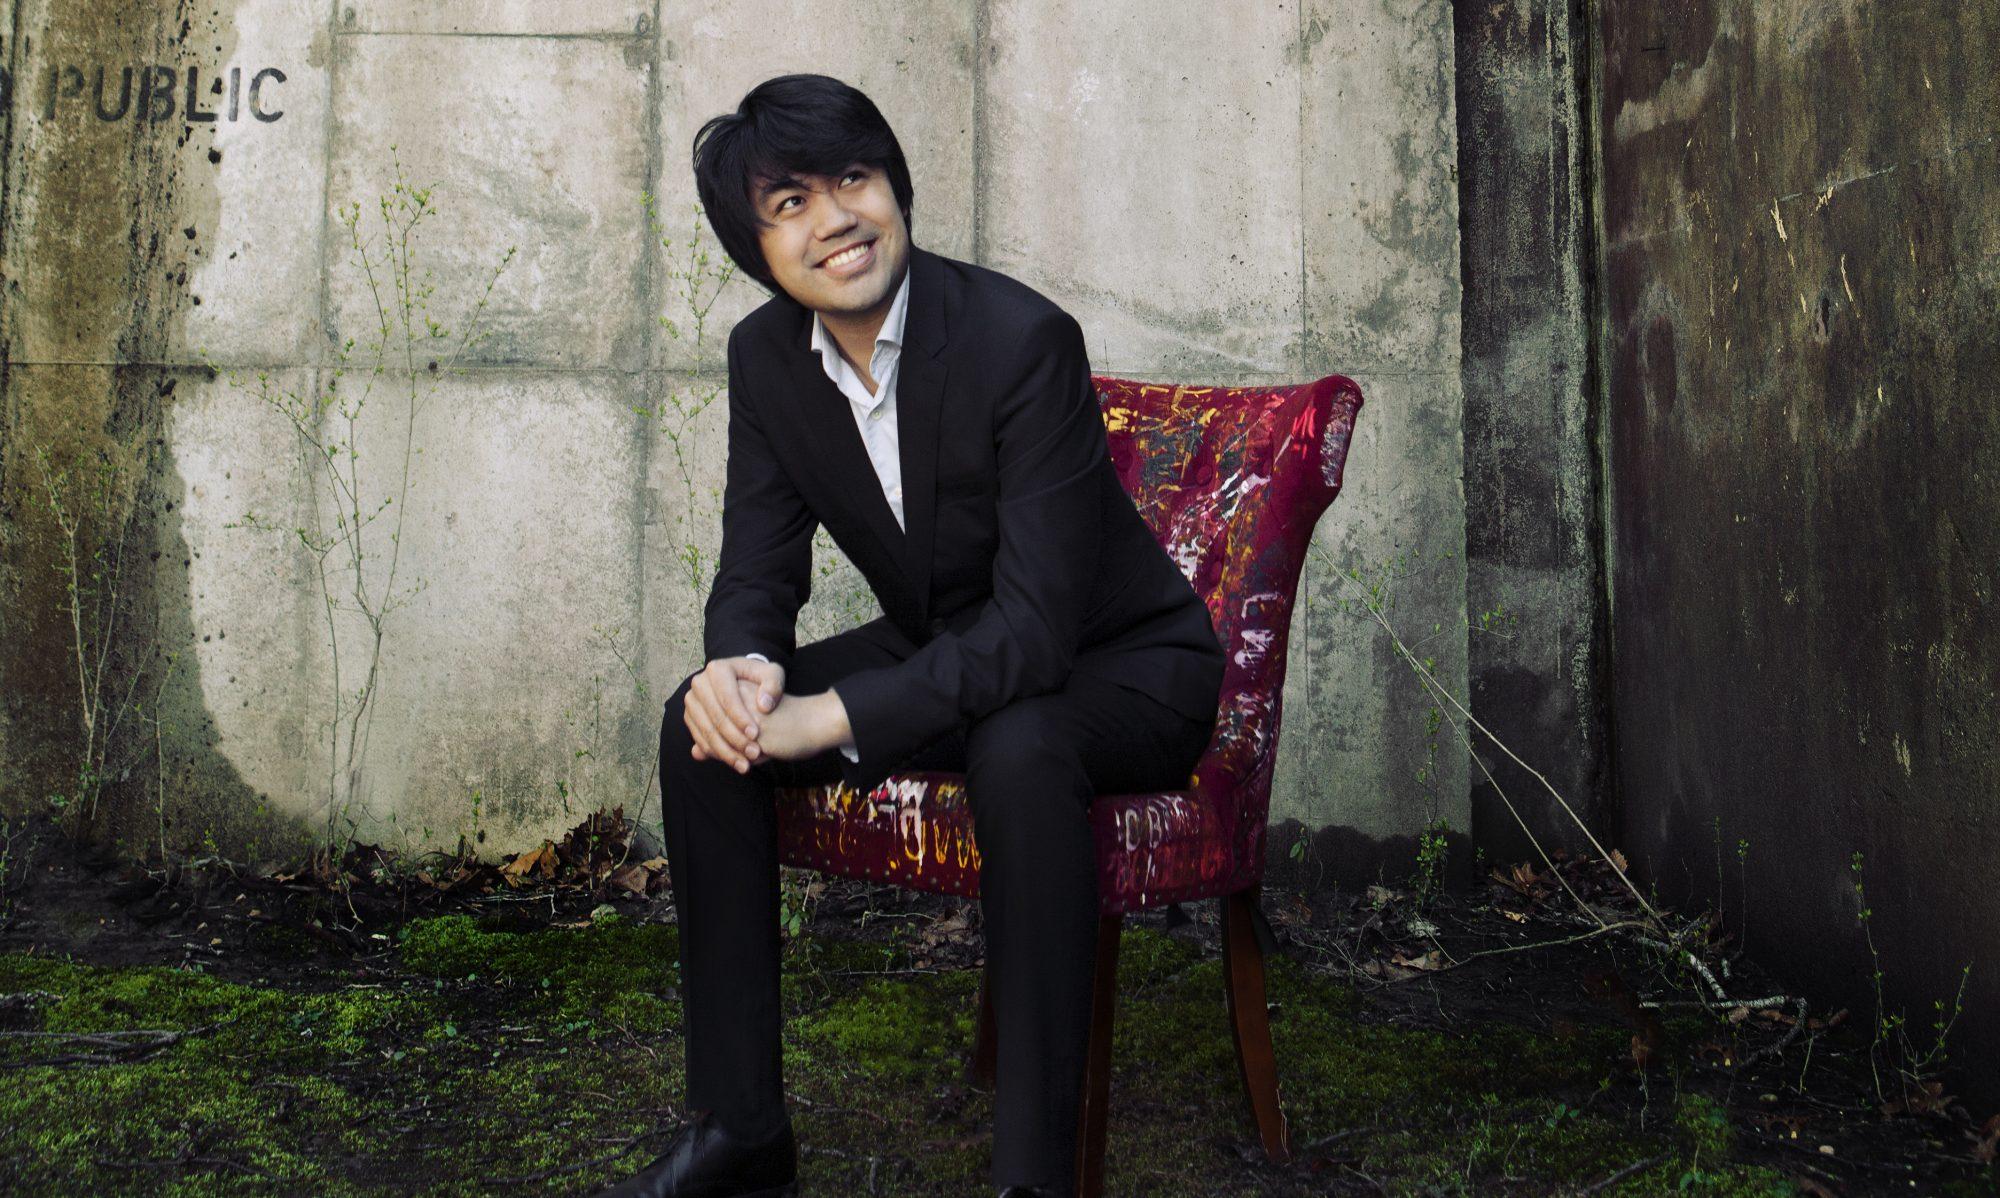 pianonotes by Sean Chen